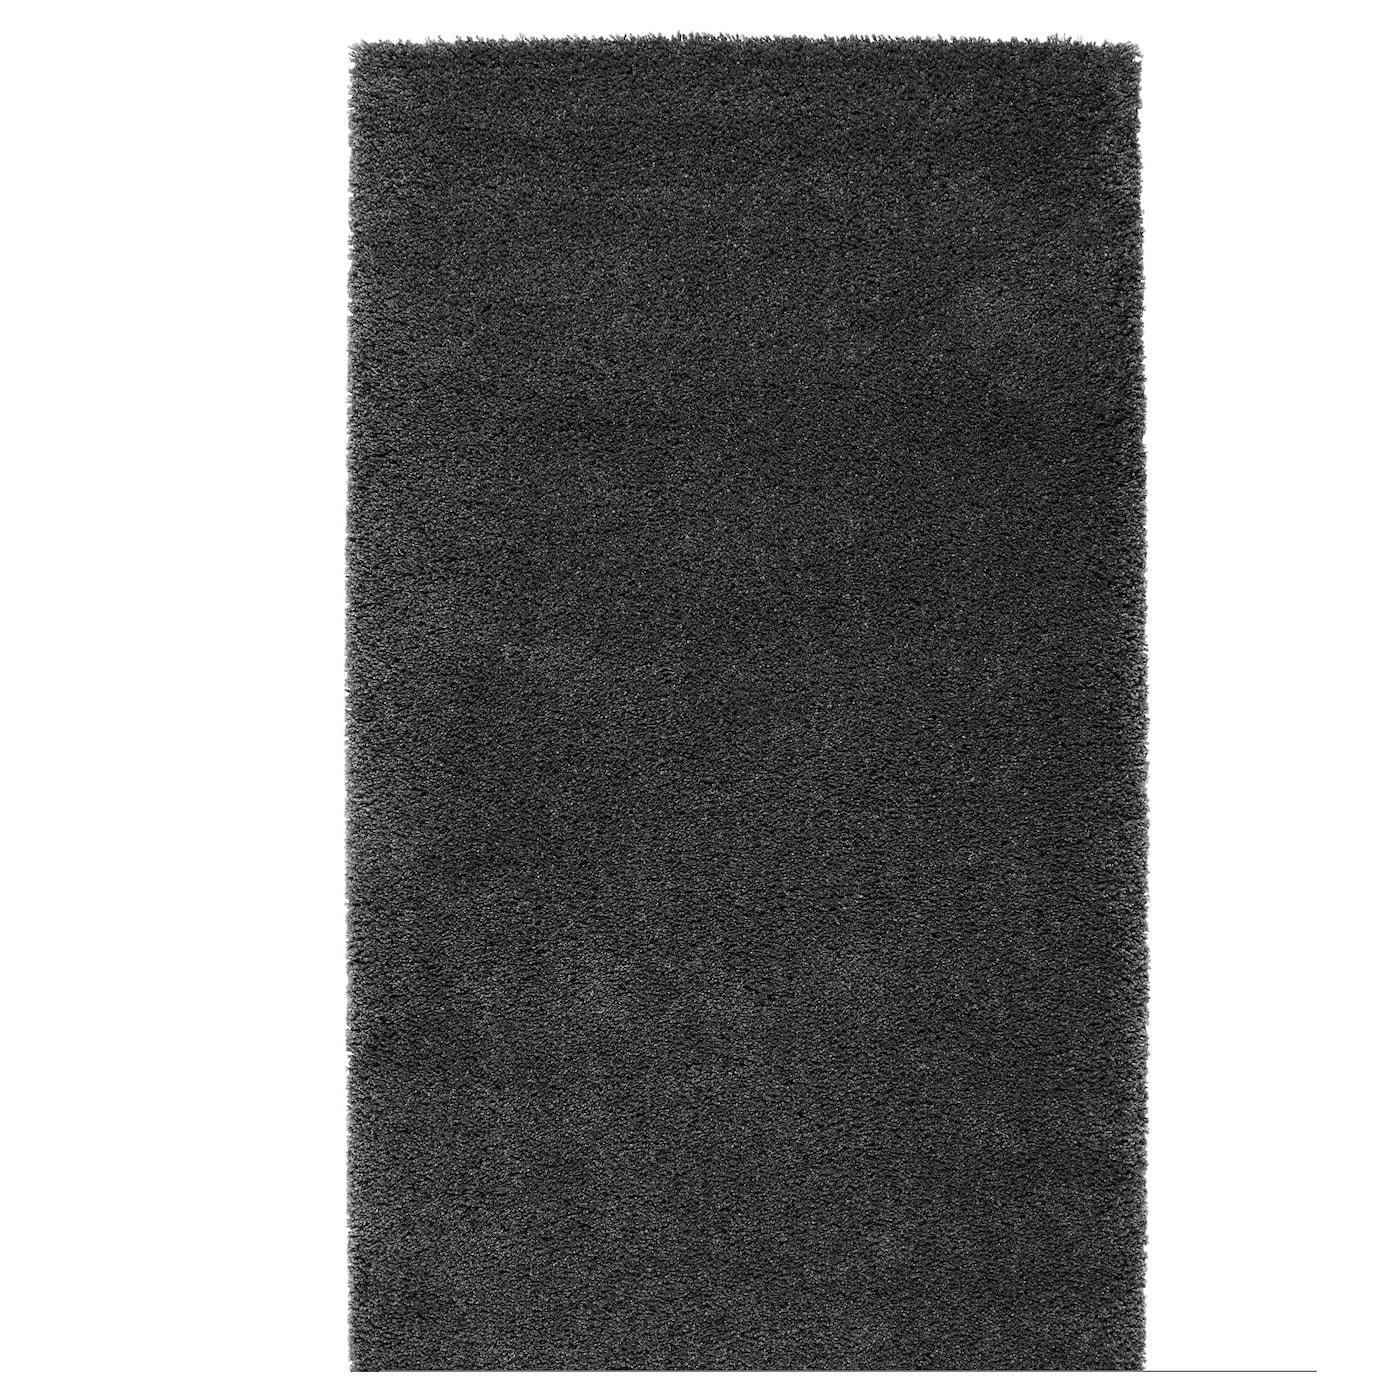 dum tapis poils hauts gris fonc 80x150 cm ikea. Black Bedroom Furniture Sets. Home Design Ideas